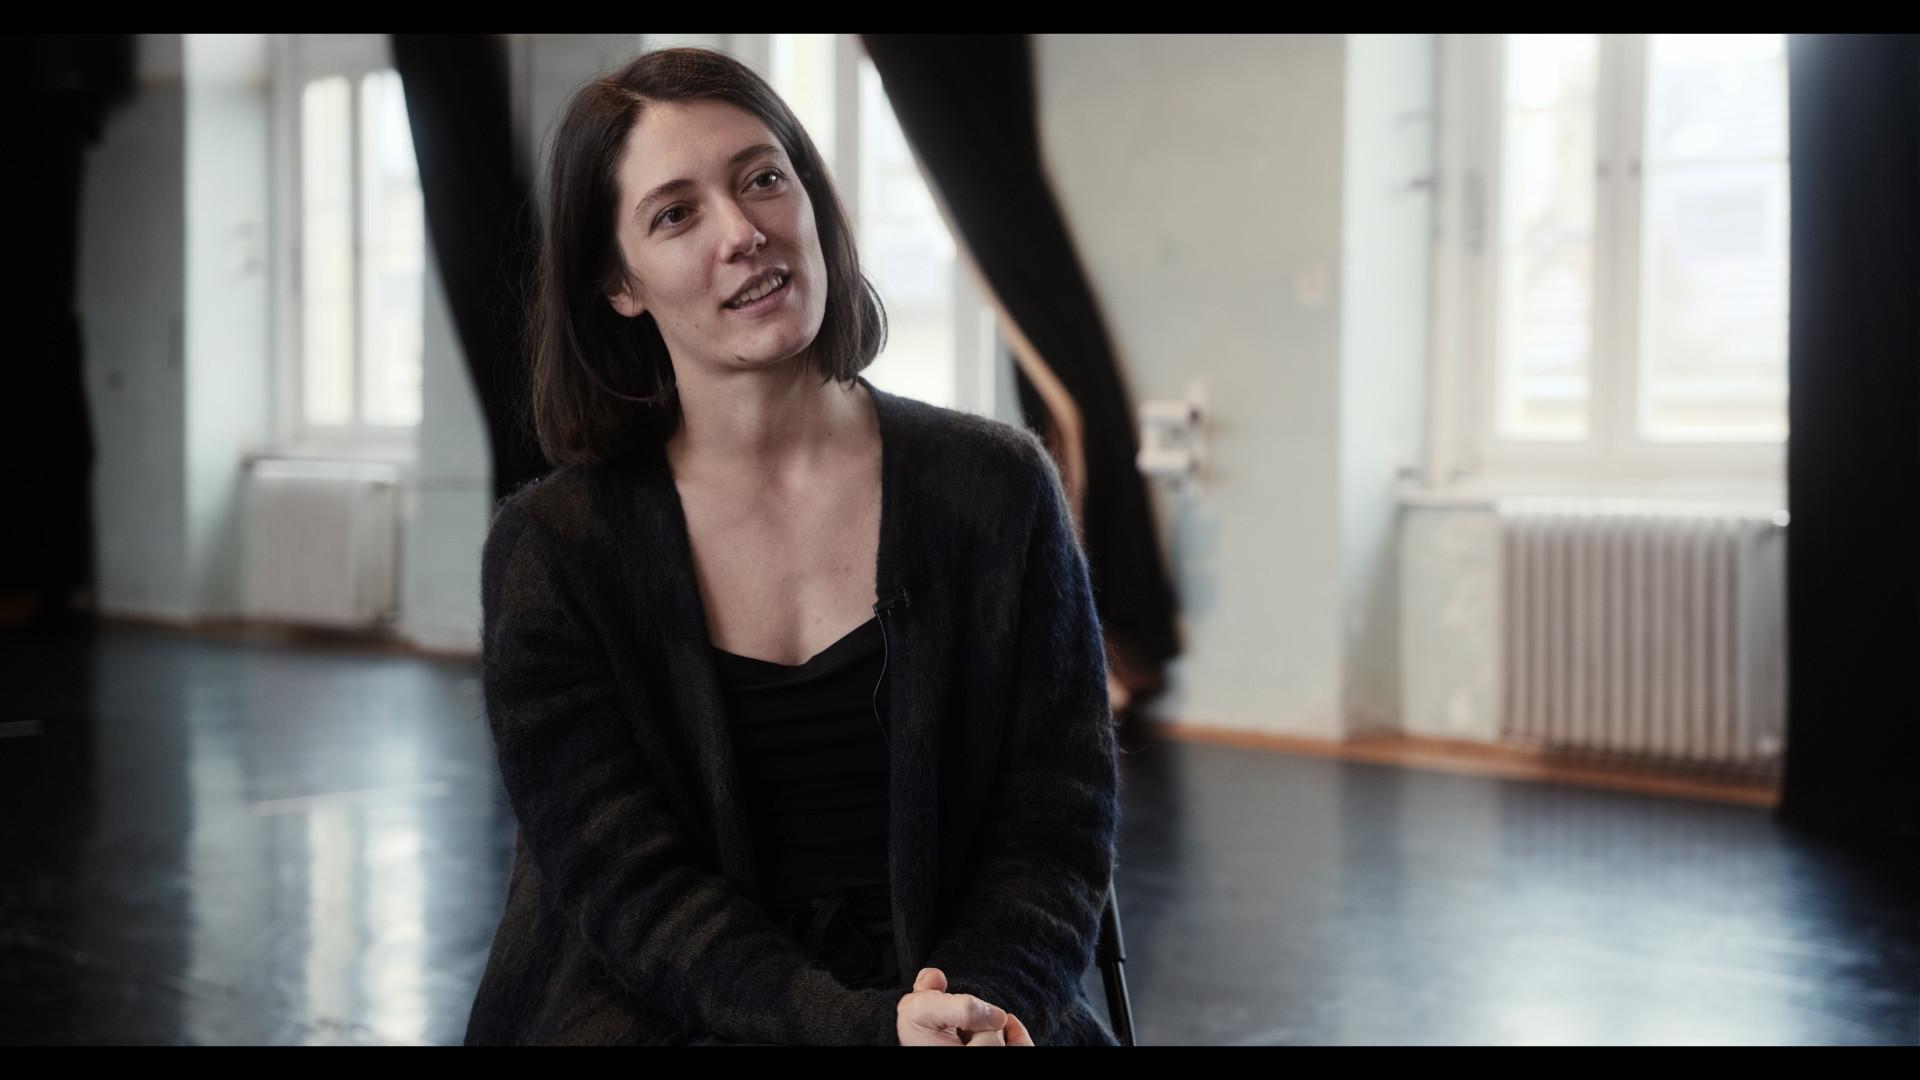 Simkó Beatrix - Videostill: Ofner Gergely